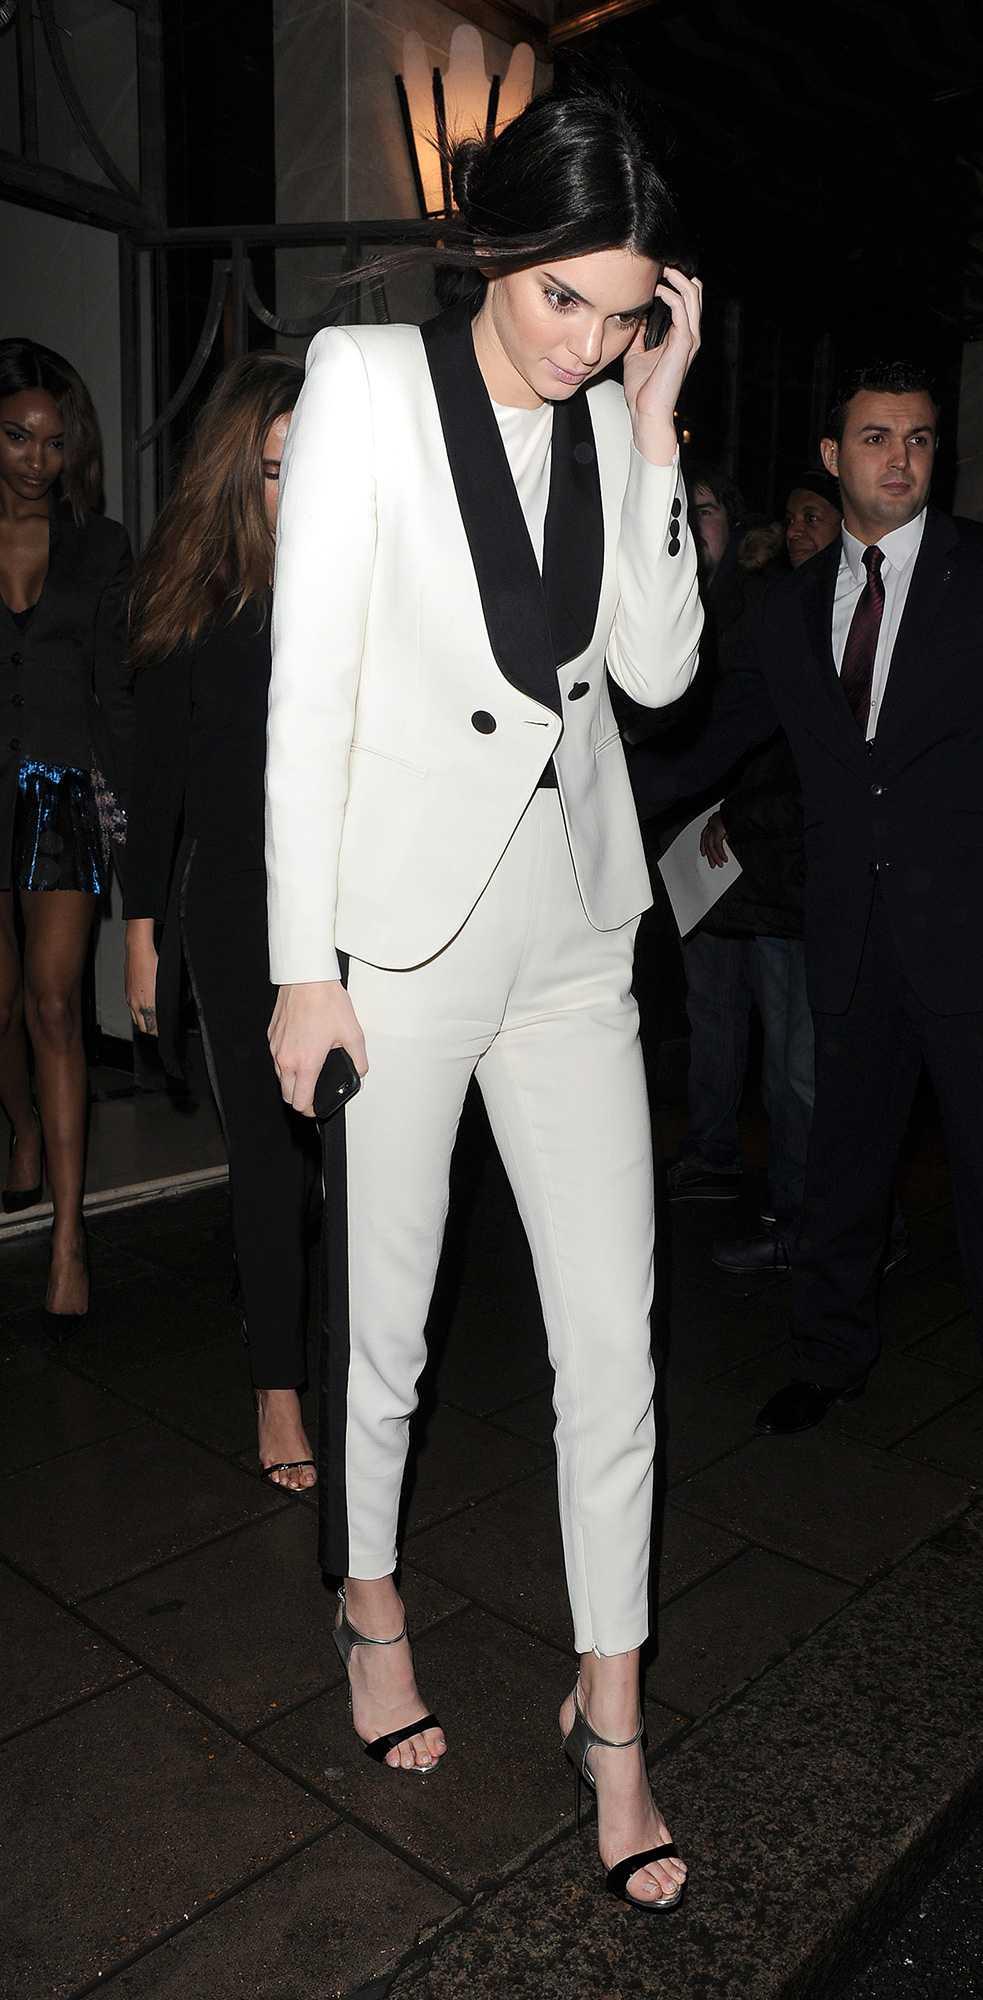 Kendall Jenner Vit kostym med svarta detaljer. Kendall körde på en supersnygg och cool outfit när hon skulle på middag i London.